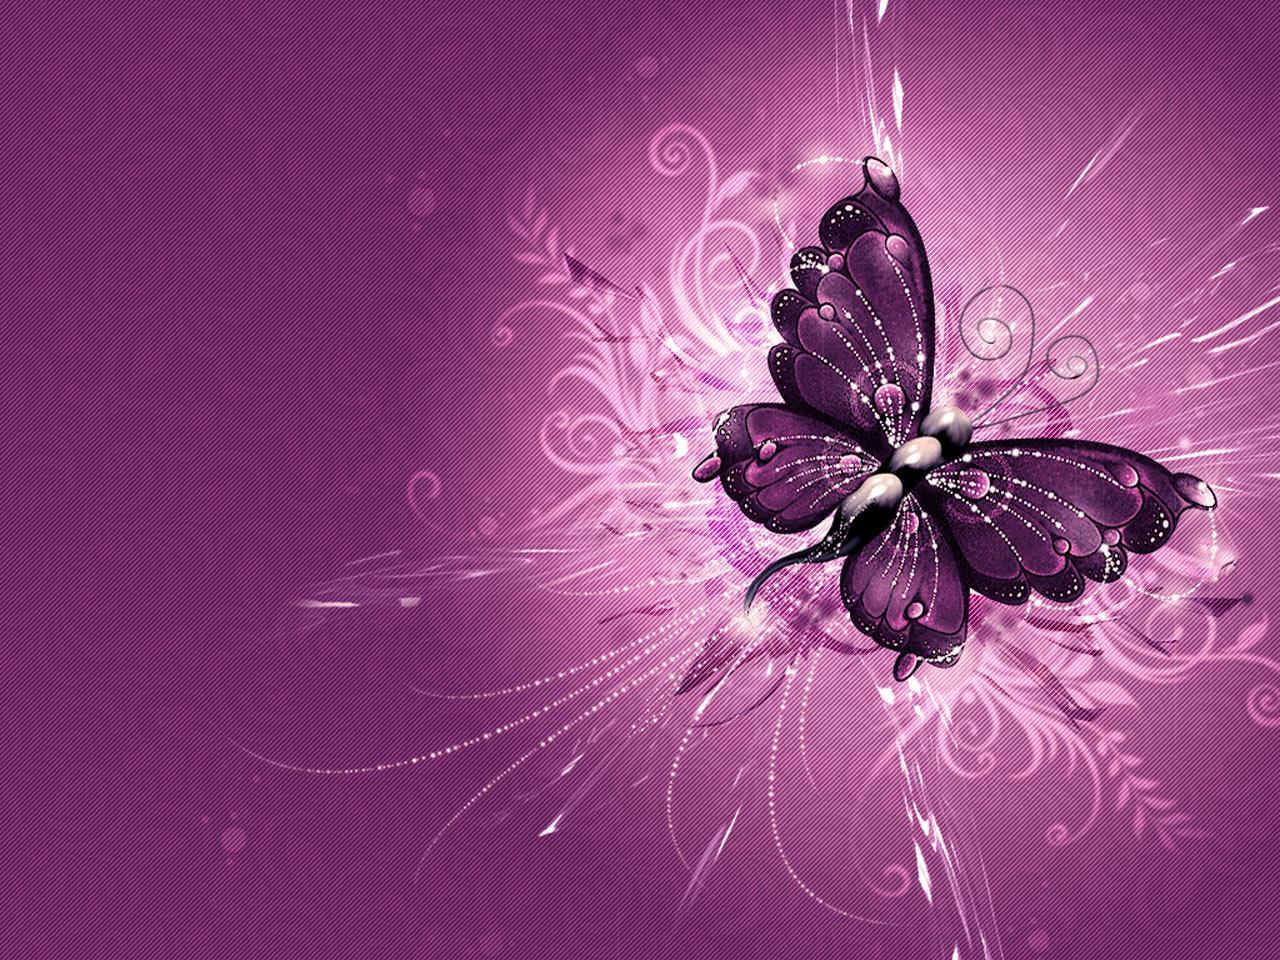 49] Pictures of Butterflies Wallpaper on WallpaperSafari 1280x960